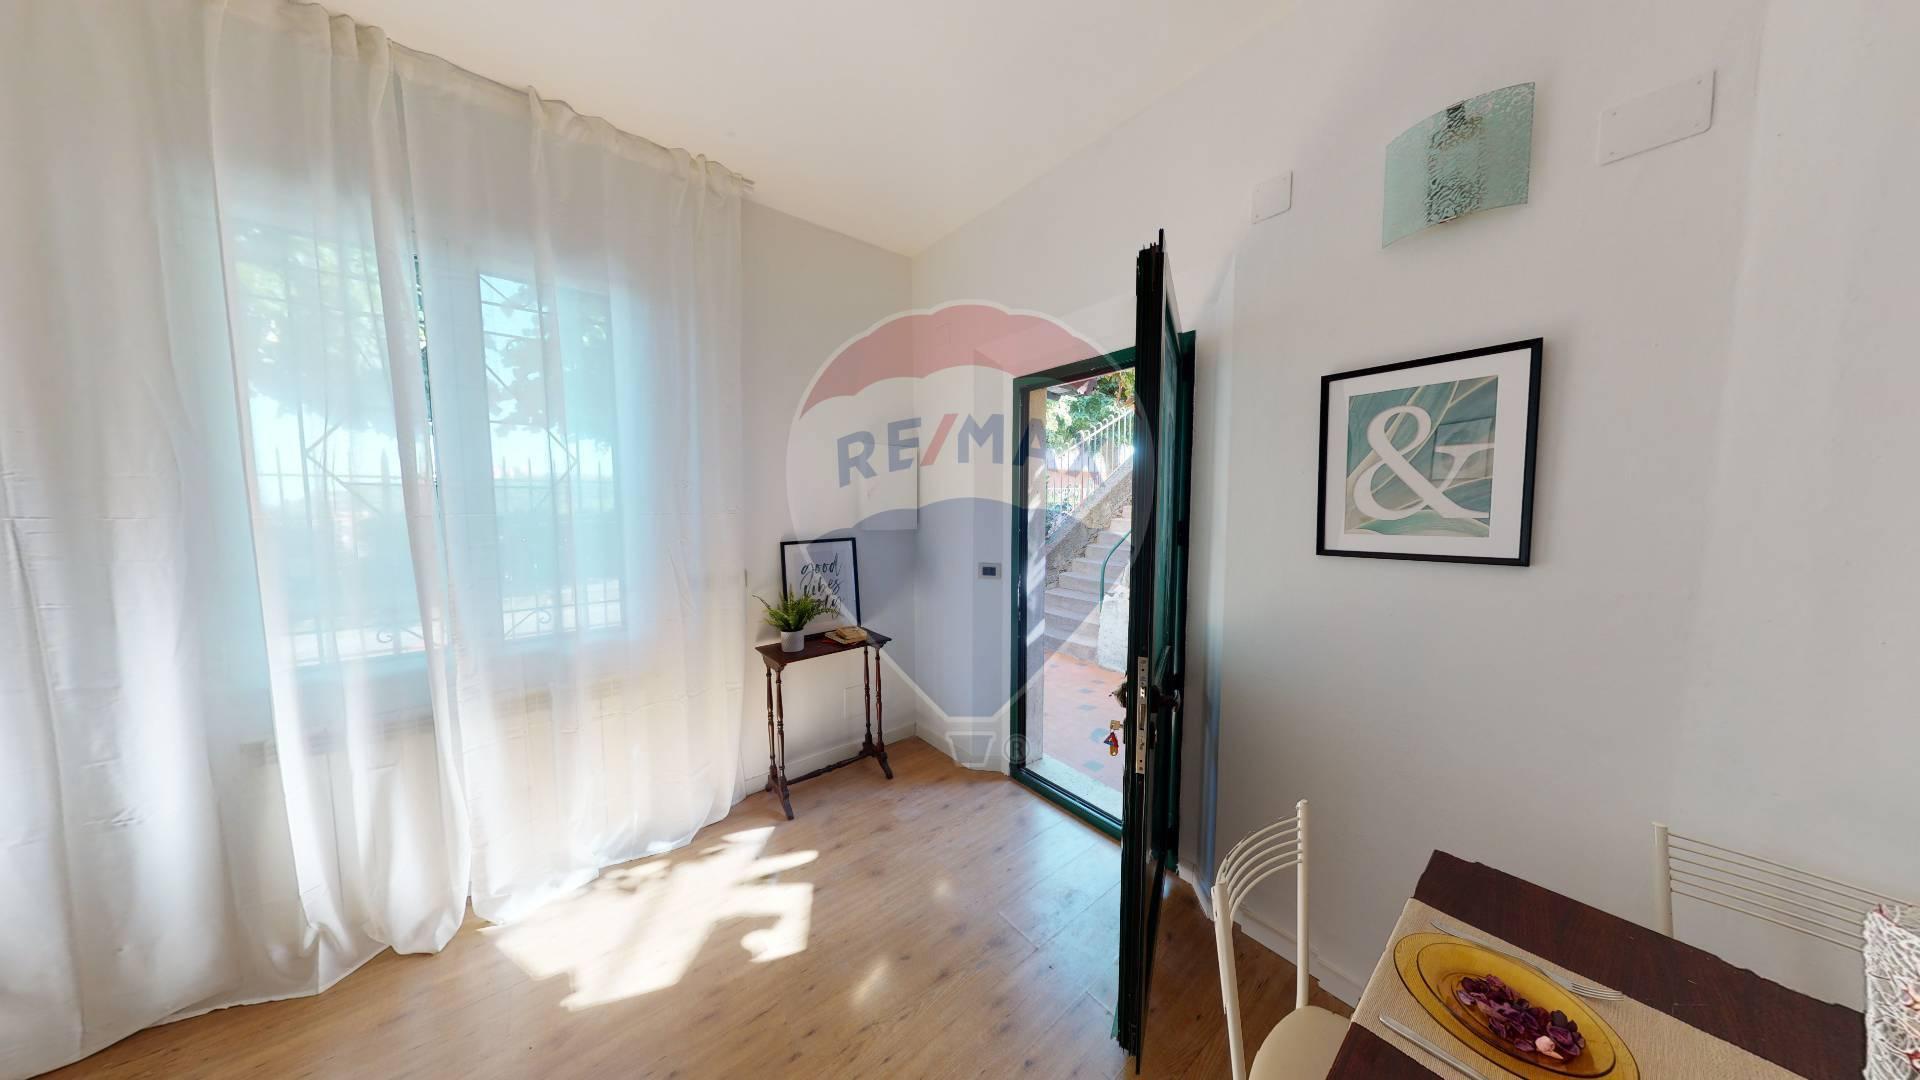 Appartamento in vendita a Arenzano, 2 locali, prezzo € 127.000 | CambioCasa.it